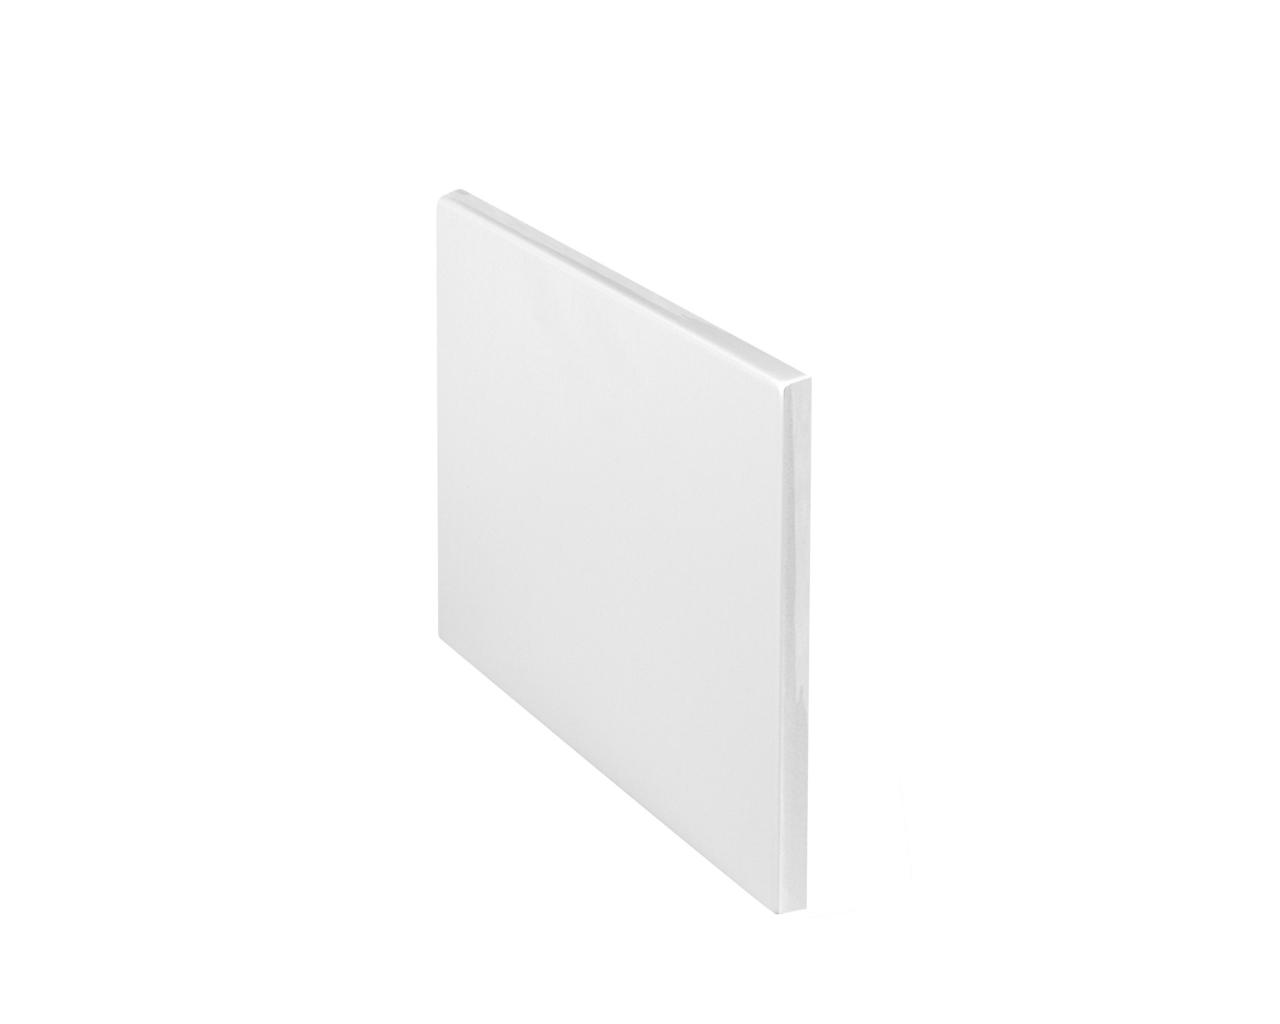 BOČNÍ PANEL K VANĚ VIRGO/ INTRO 75 cm (S401-047) - CERSANIT